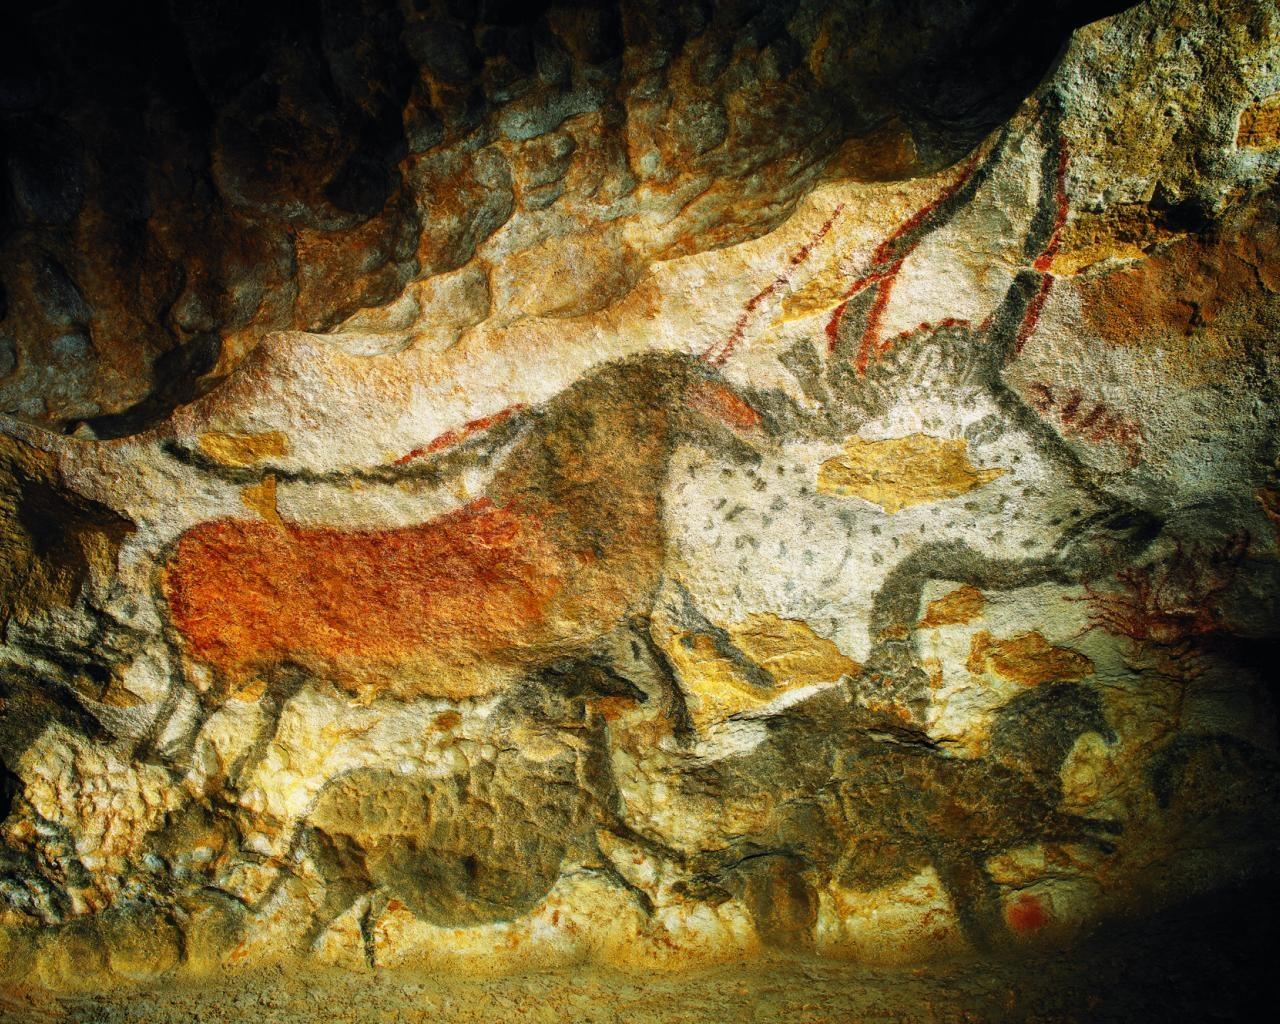 Grotte de Lascaux II - Les visites à ne pas manquer - CampingFrance.com